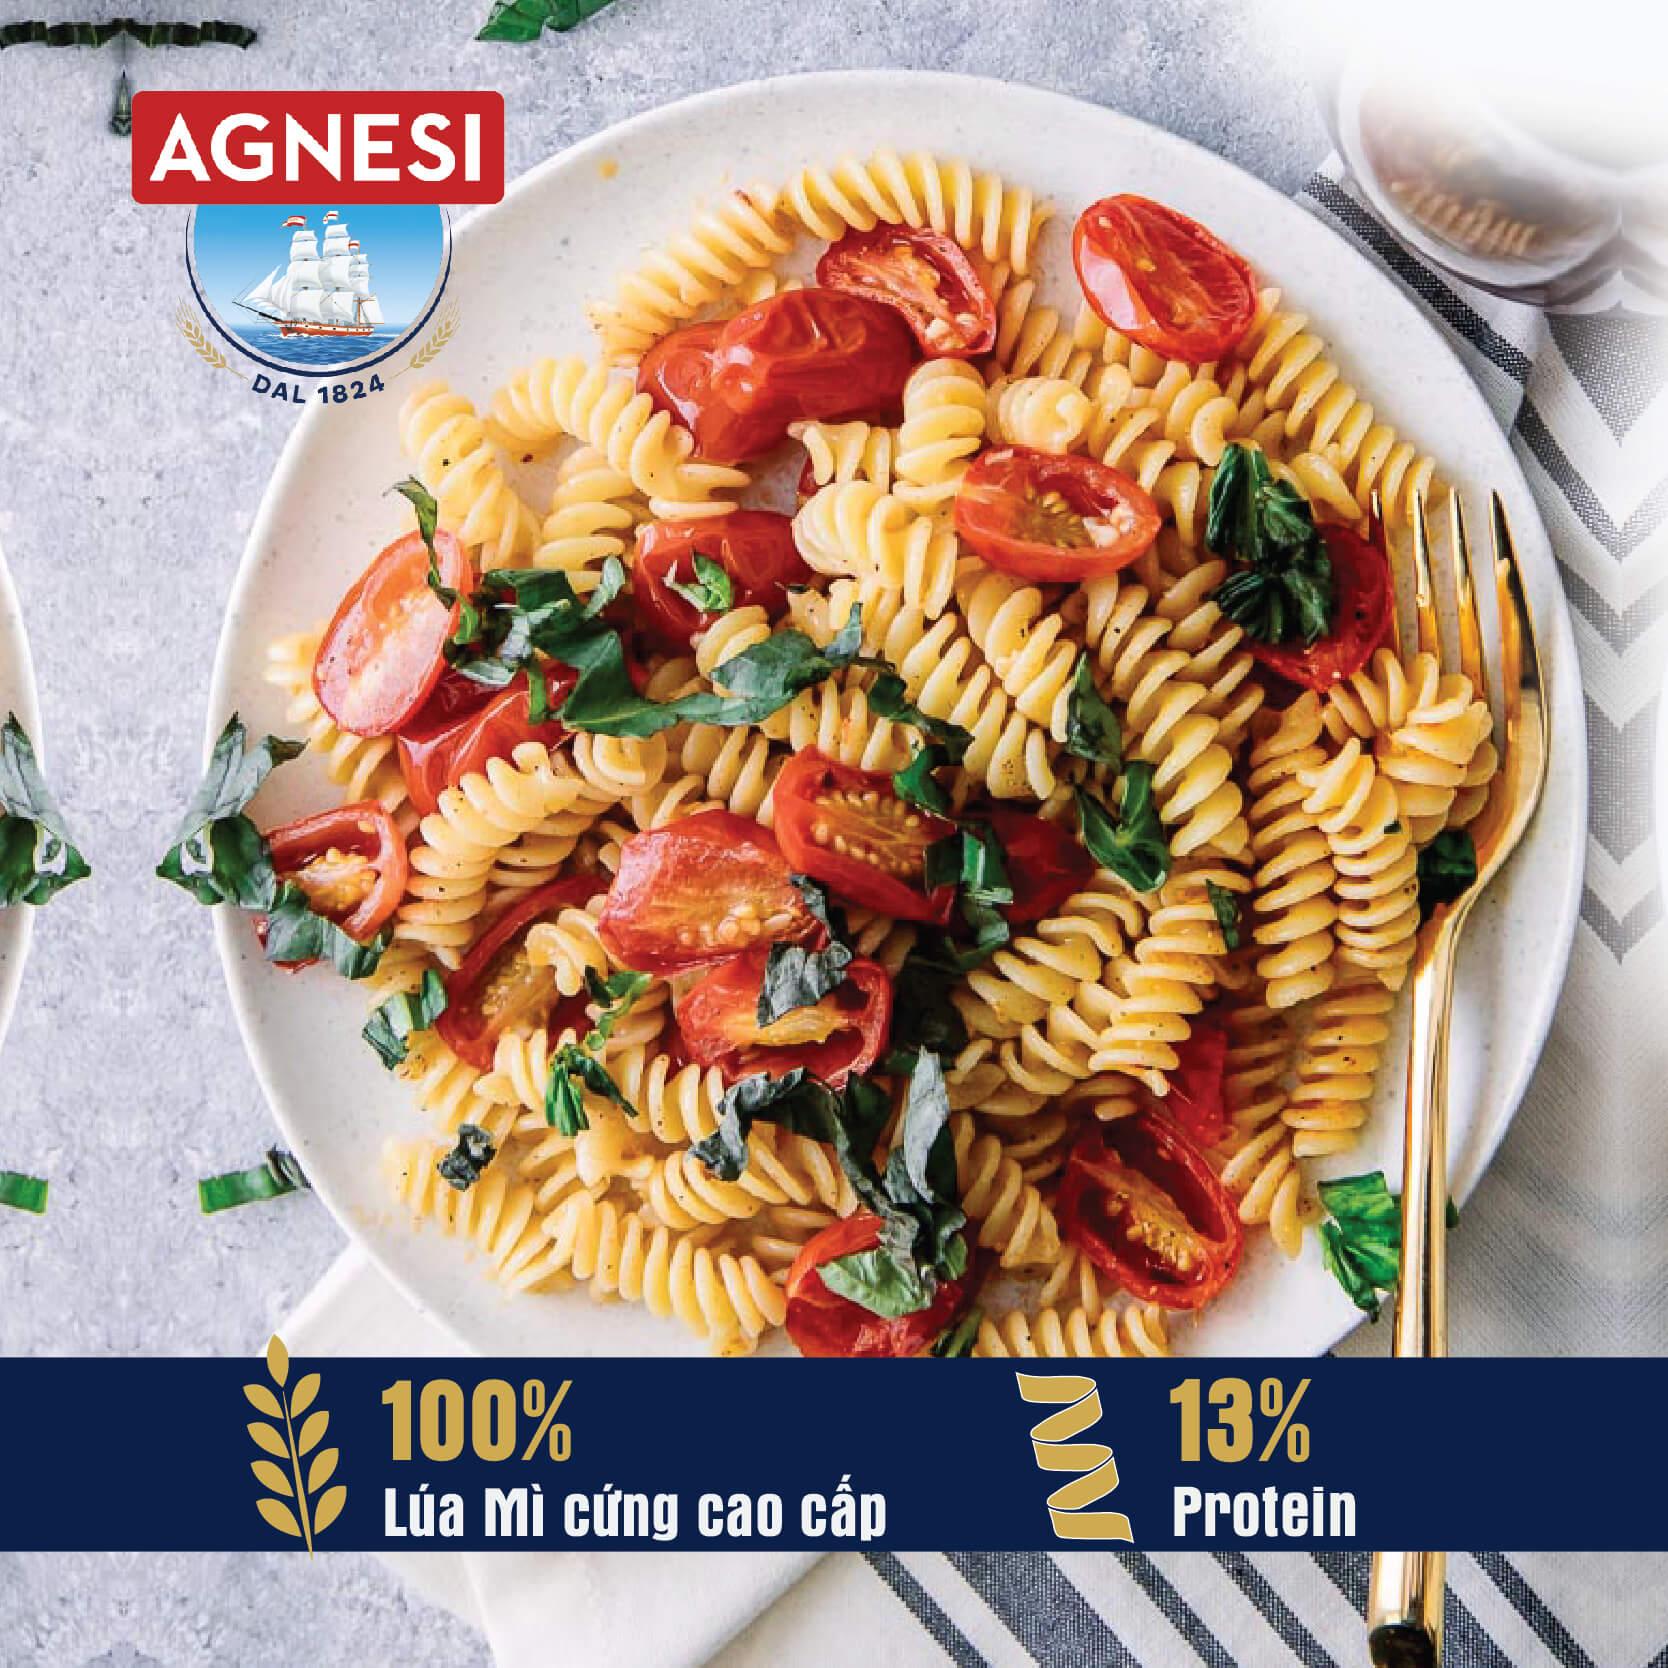 Nui xoắn Fusilli N.78 Agnesi 500g, làm từ lúa mì cứng cao cấp Semolina, luộc 10 phút, nhập khẩu Ý